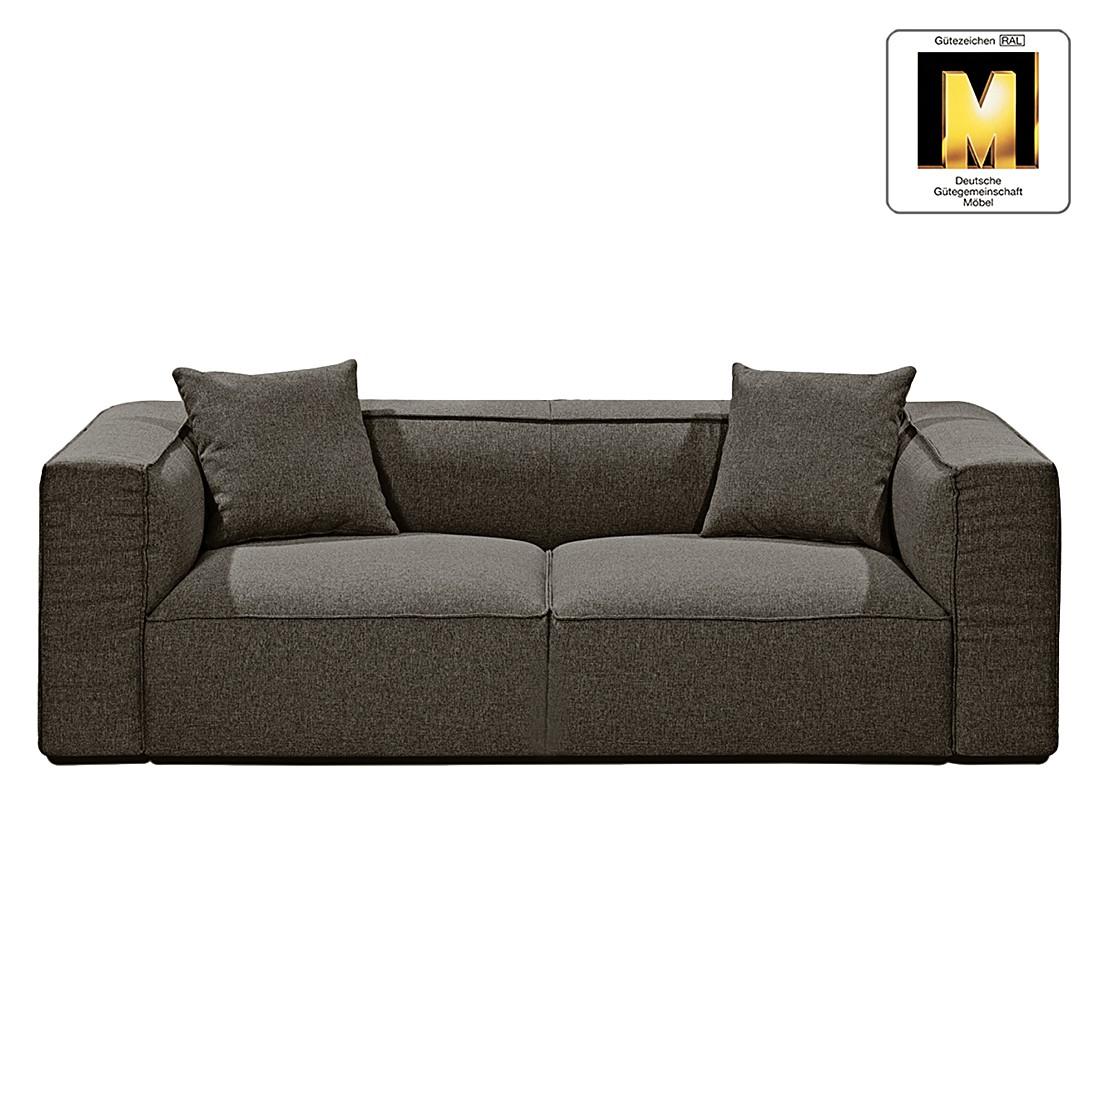 Sofa Casual Line VIII (2-Sitzer) – Strukturstoff Braun, Claas Claasen jetzt bestellen